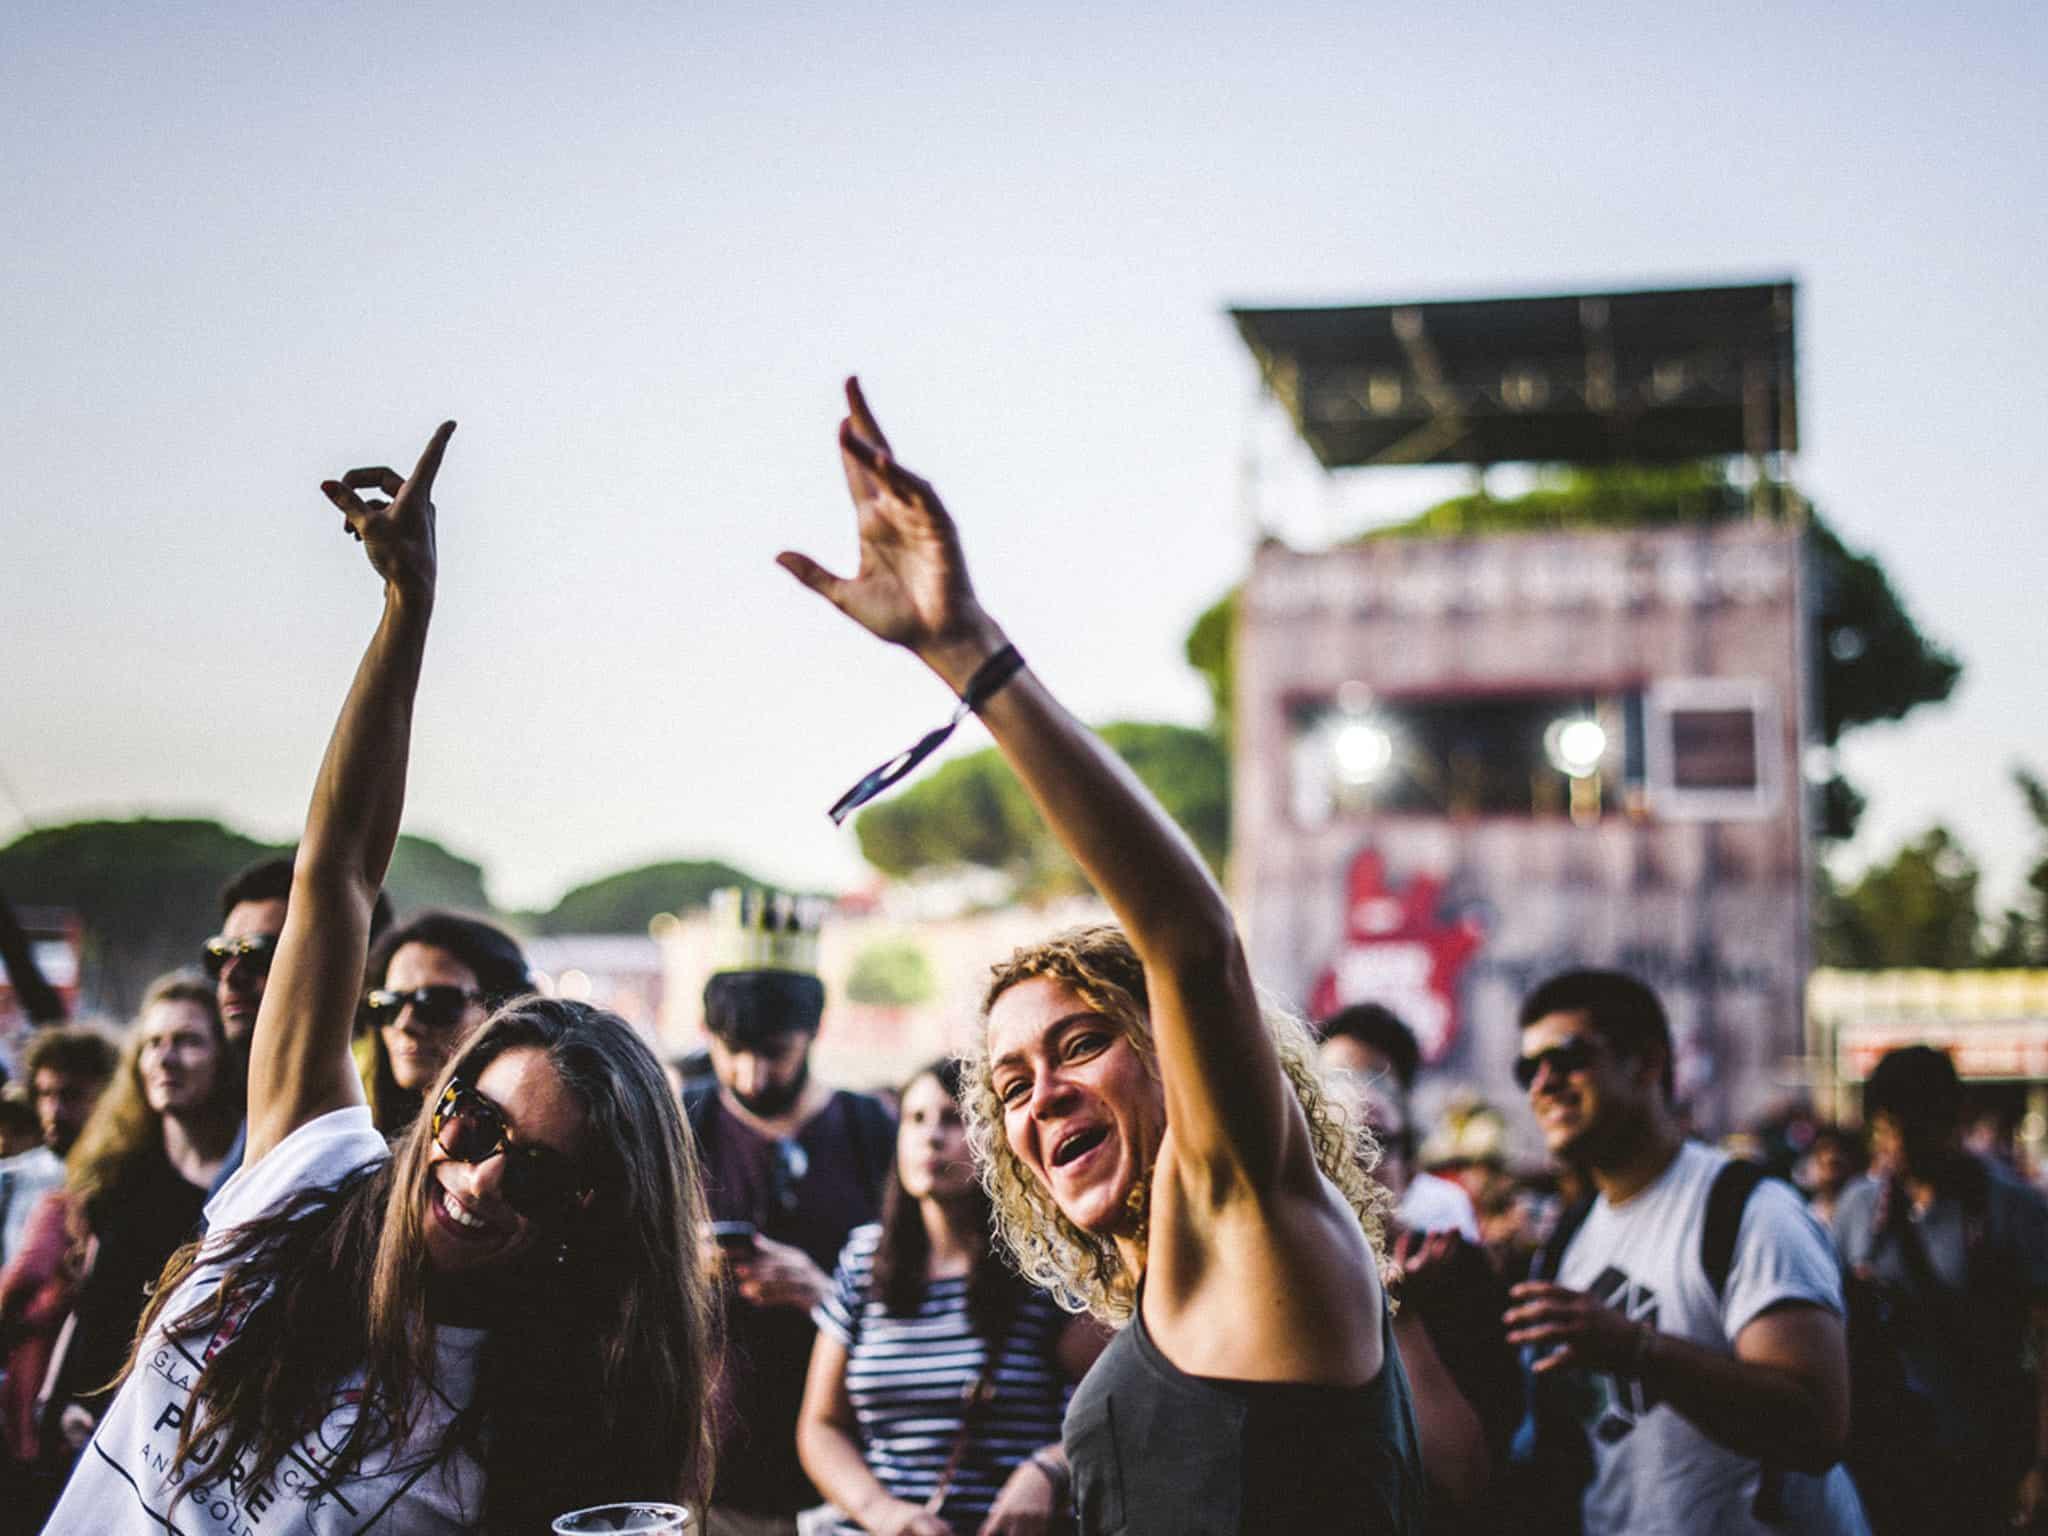 Festival de verão 2021